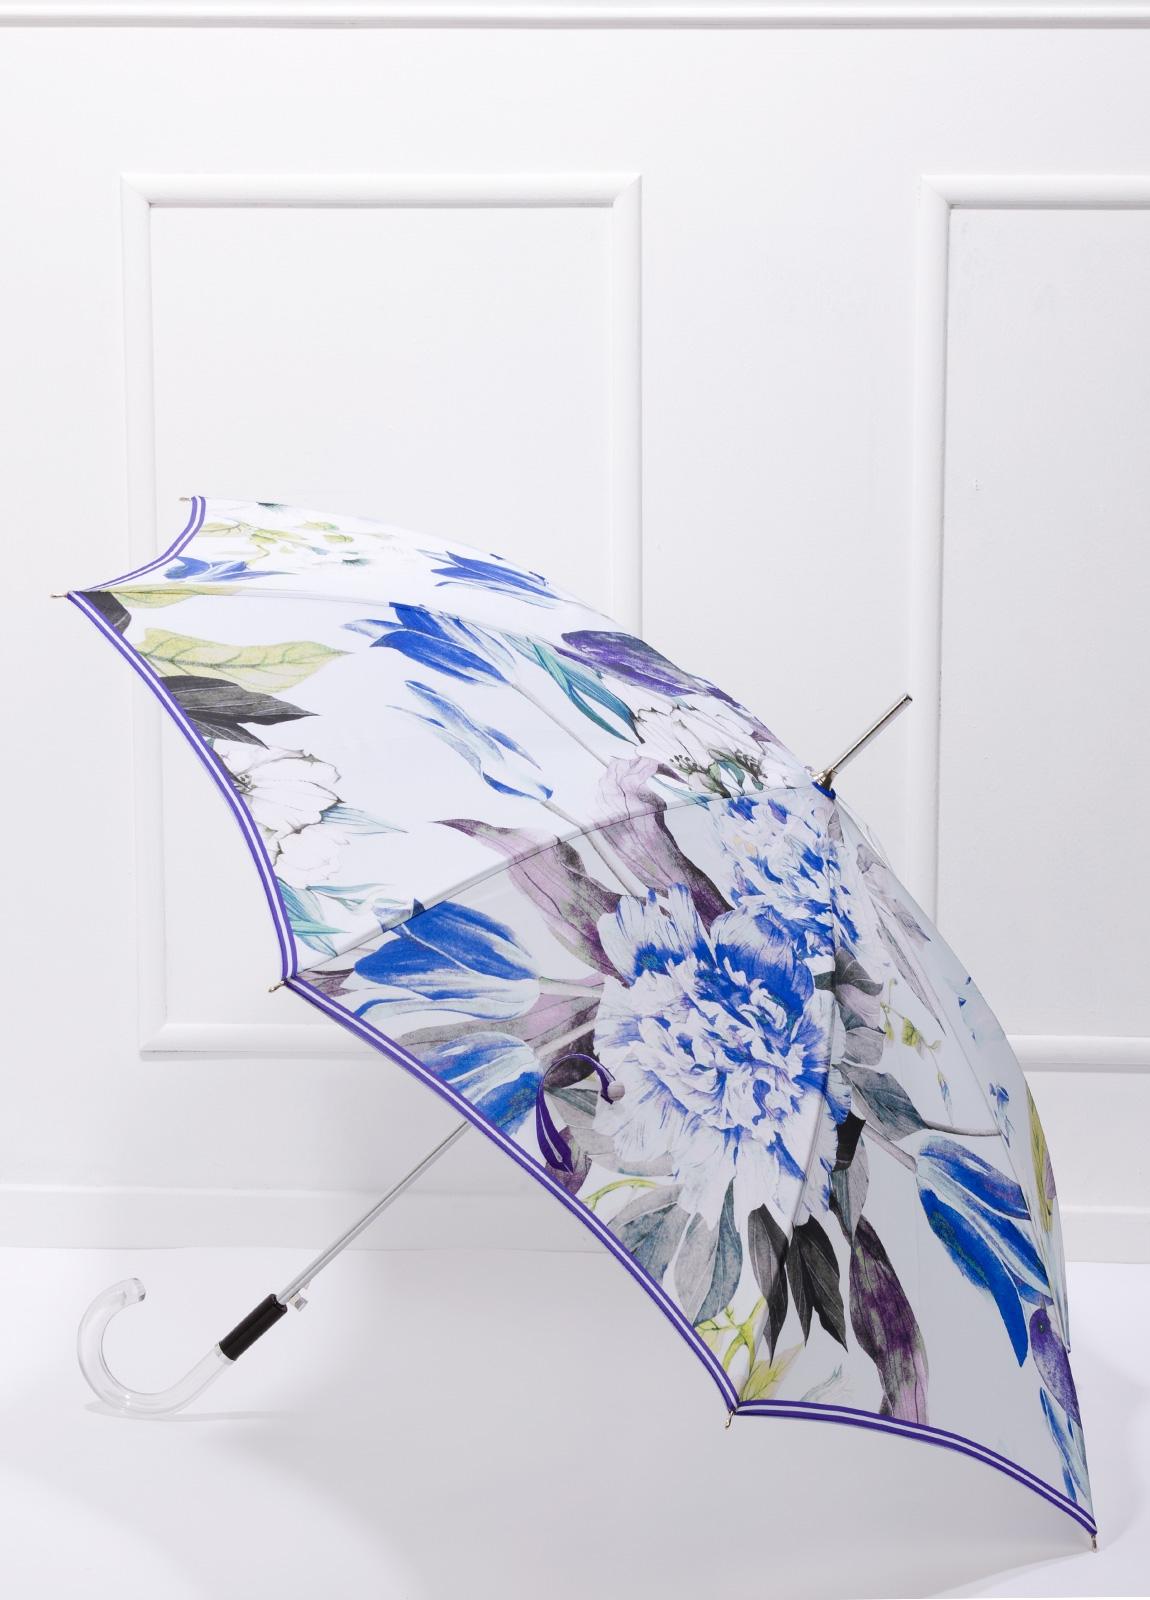 Paraguas con estampado floral color azul y puño transparente.